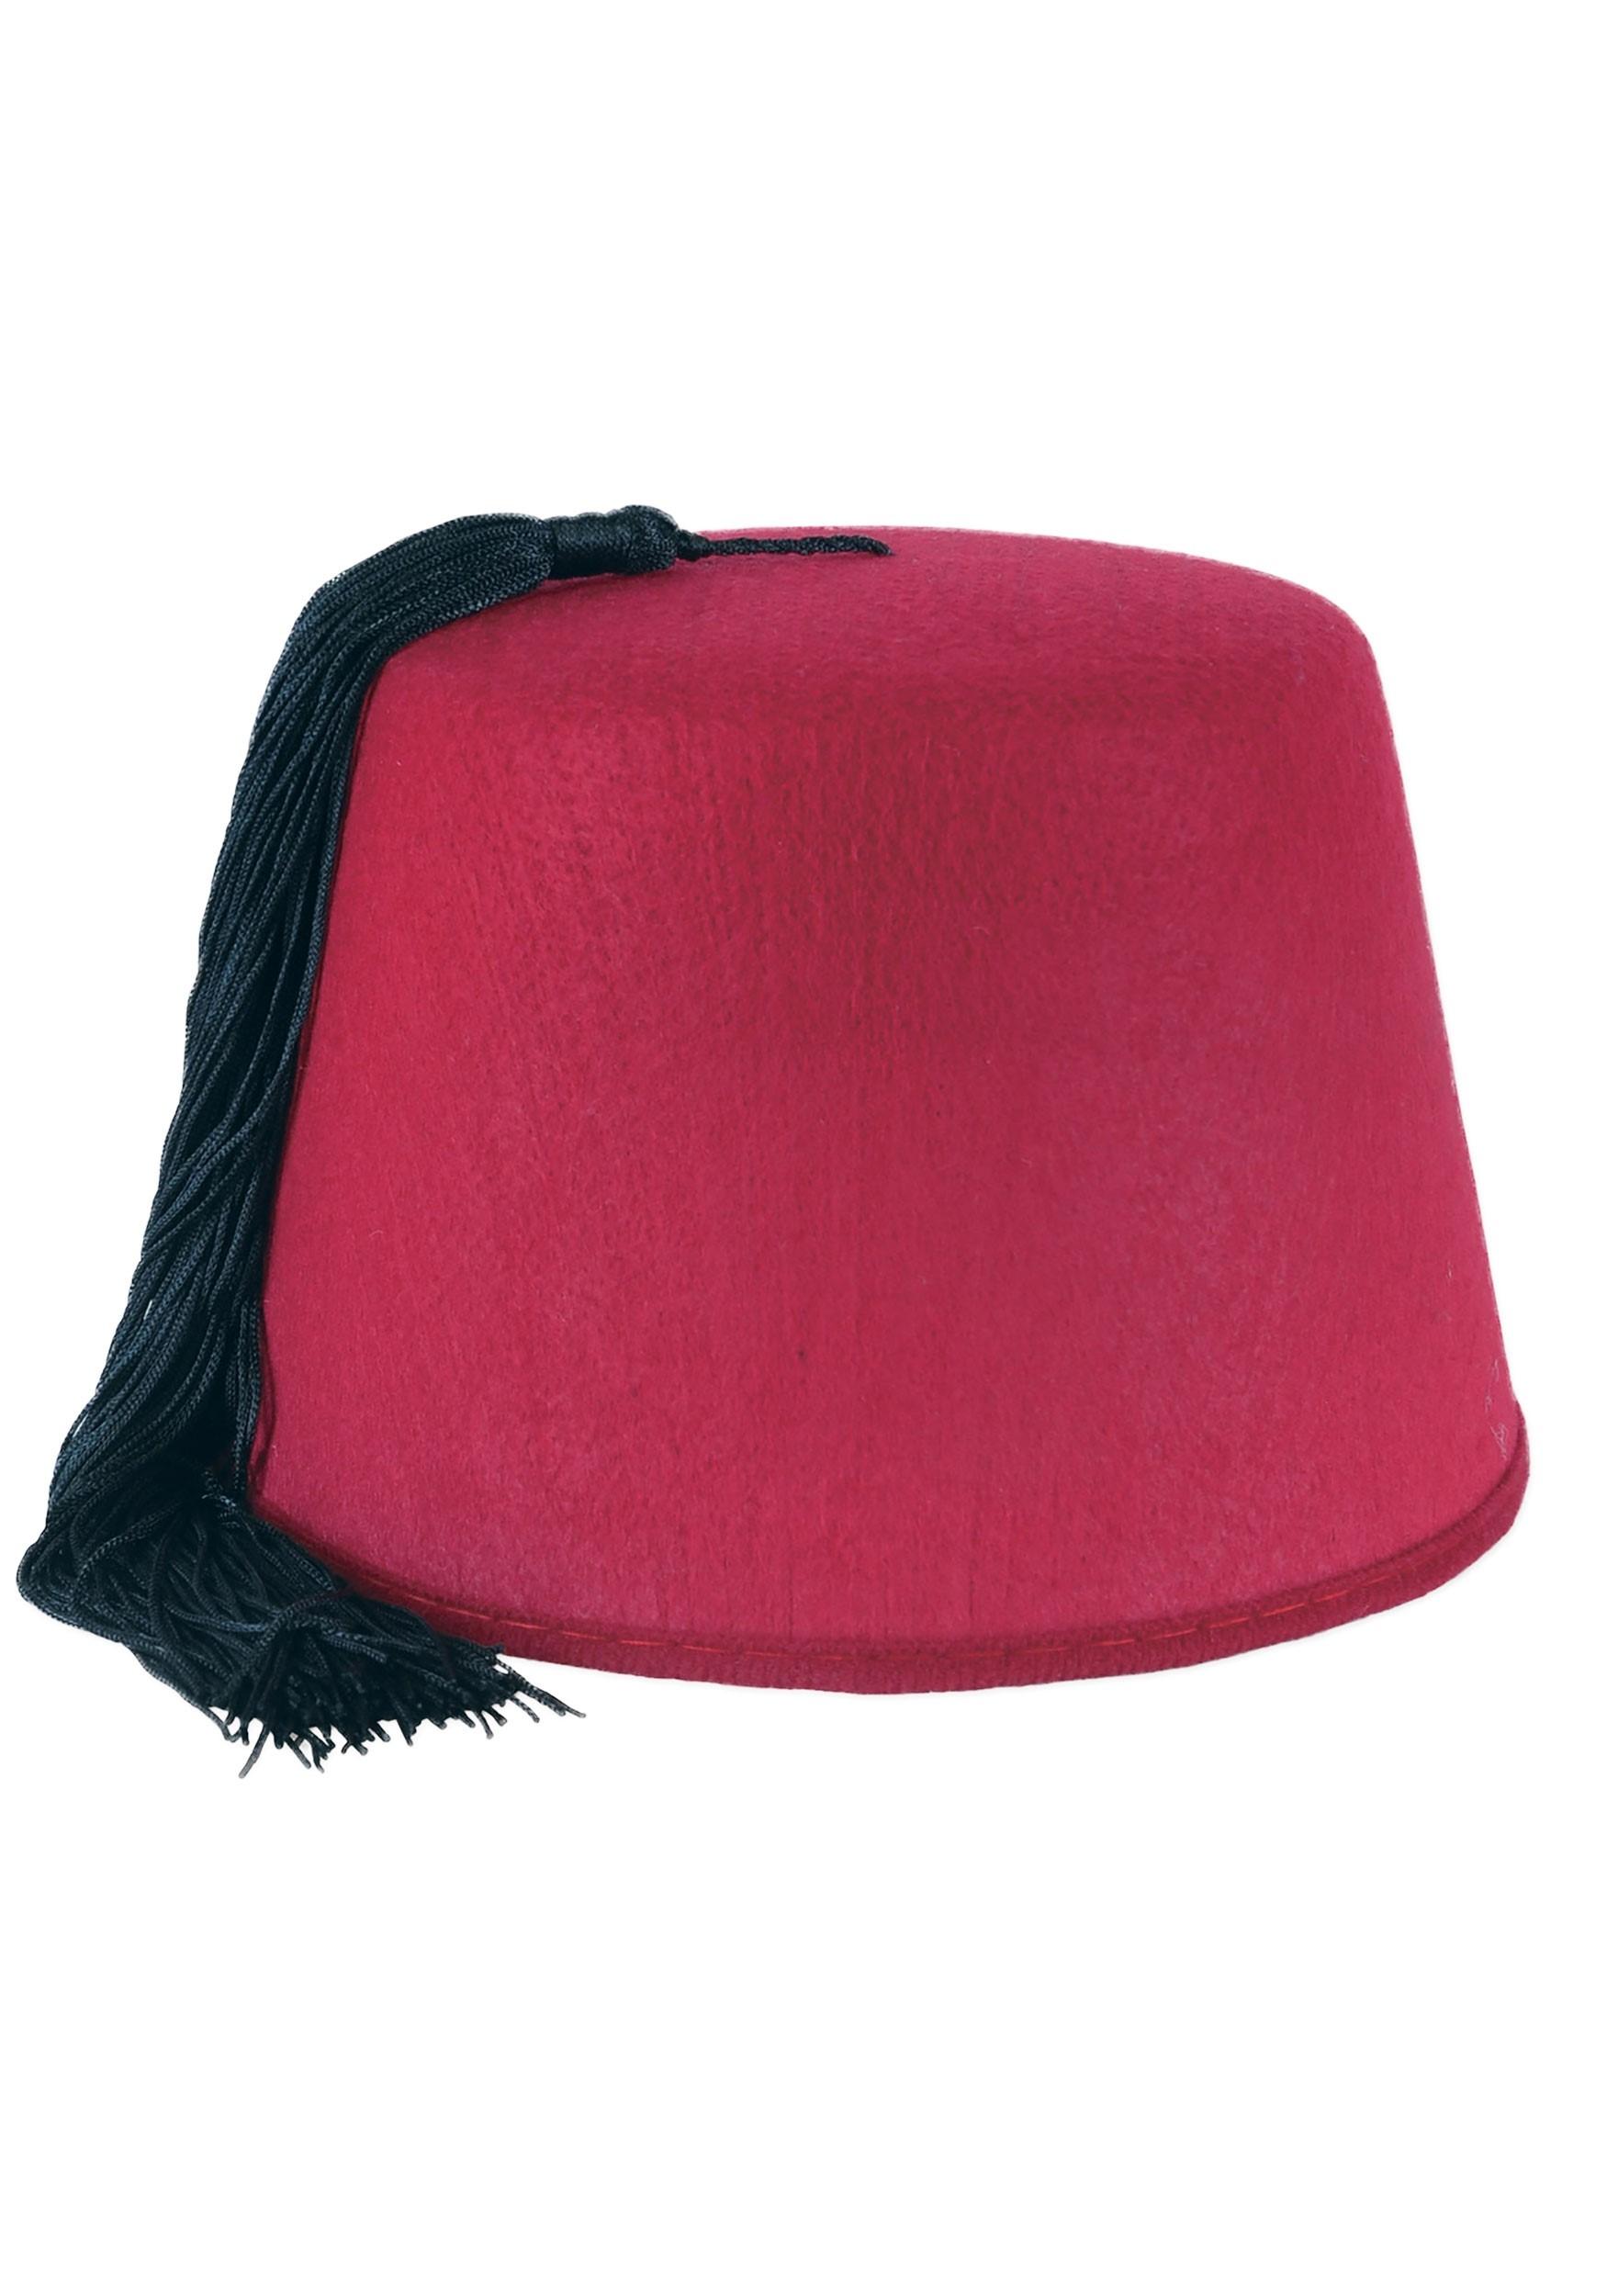 Fez_Deluxe_Hat